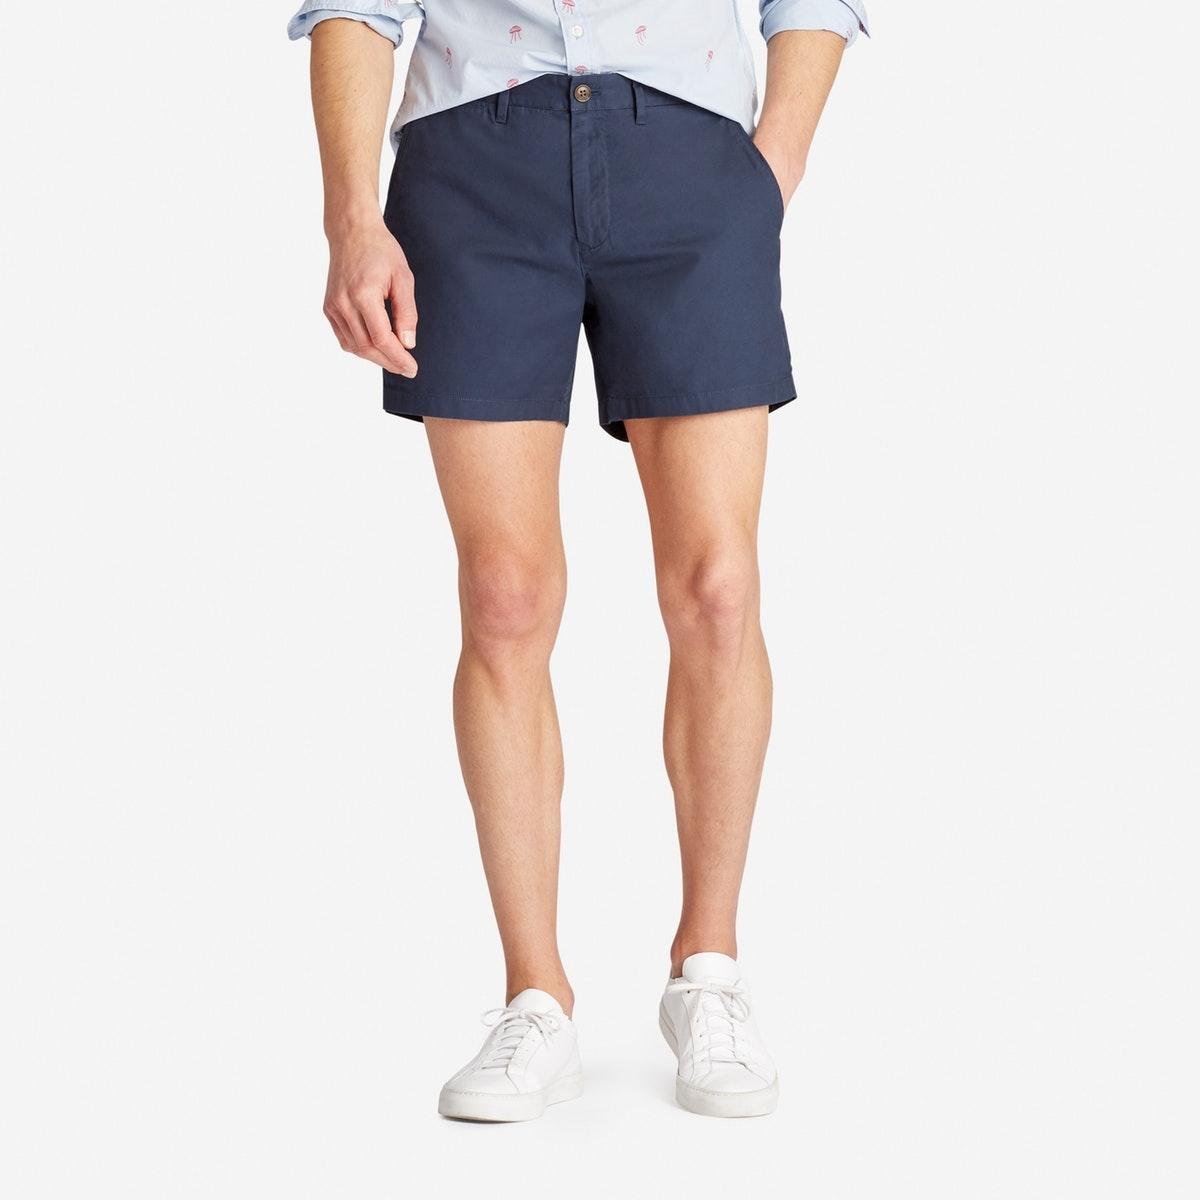 Summer Weight Shorts